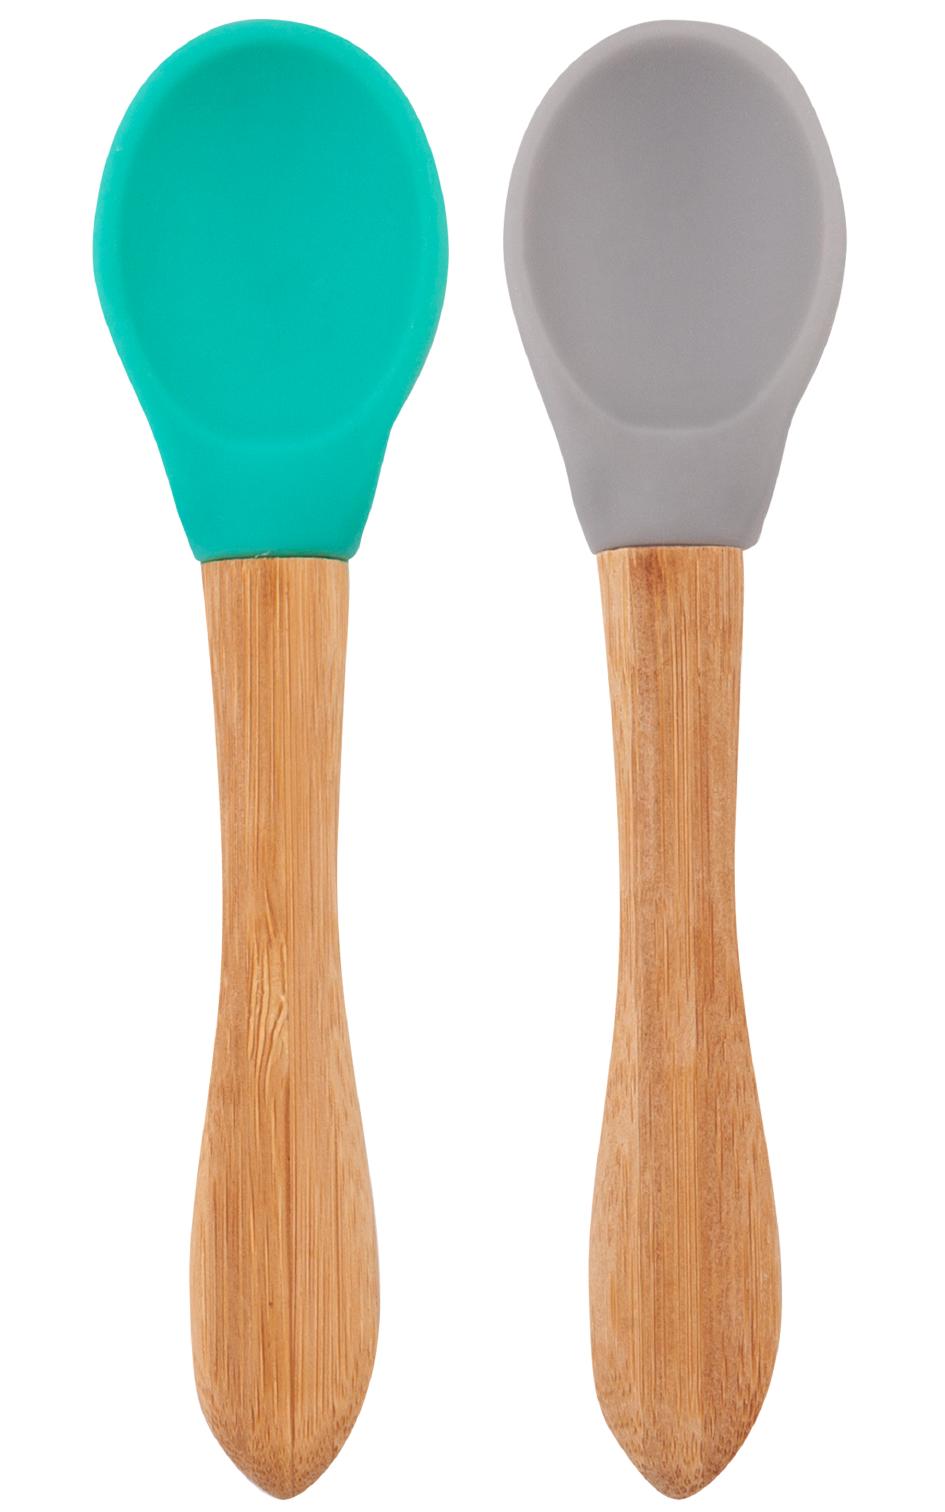 Lyžička s bambusovou rukoväťou 2ks - Green / Grey